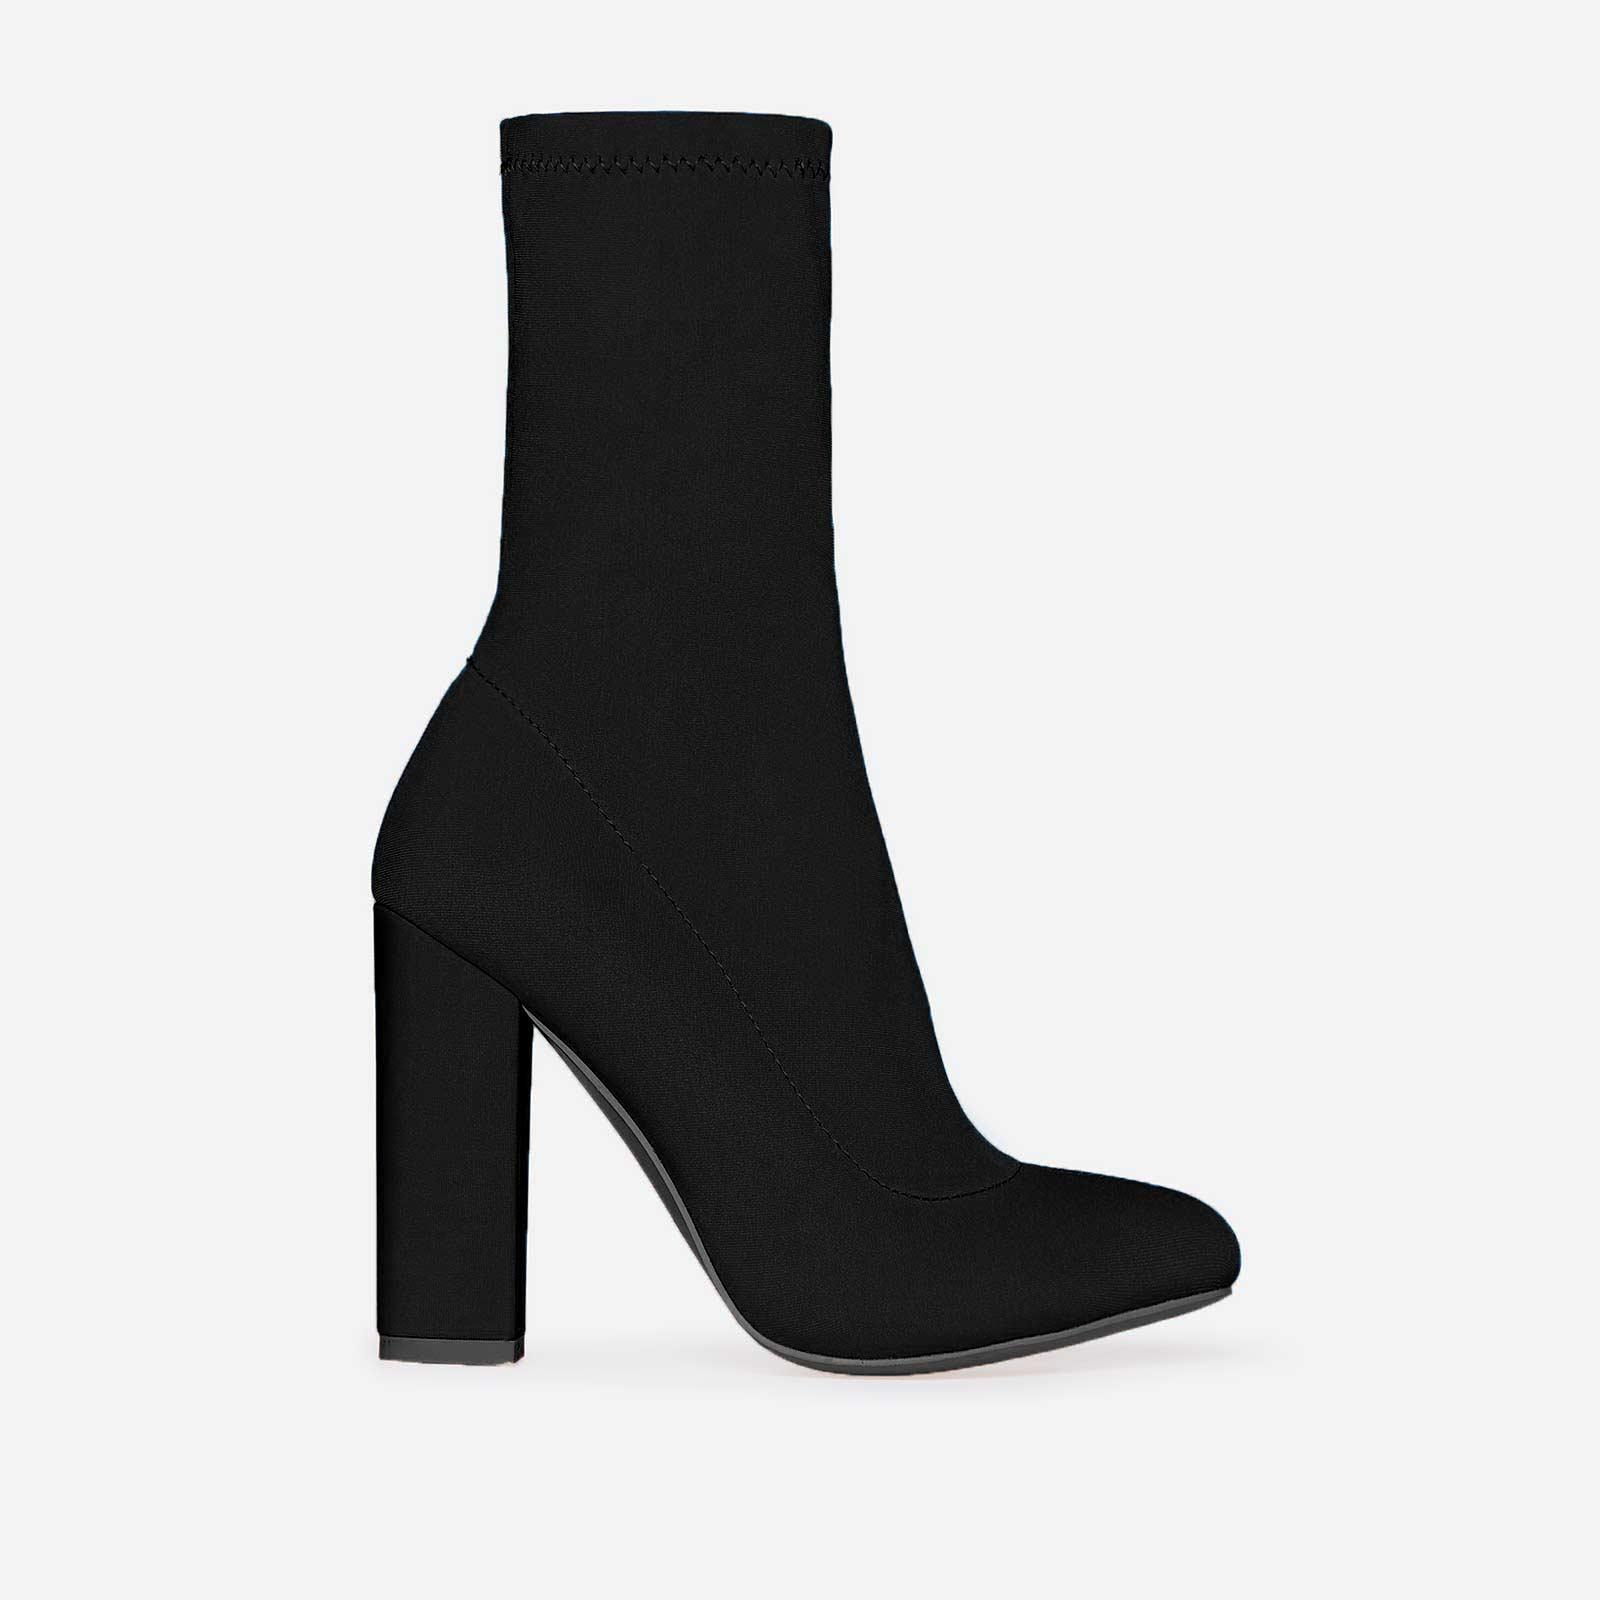 Hayden Block Heel Sock Boot In Black Lycra